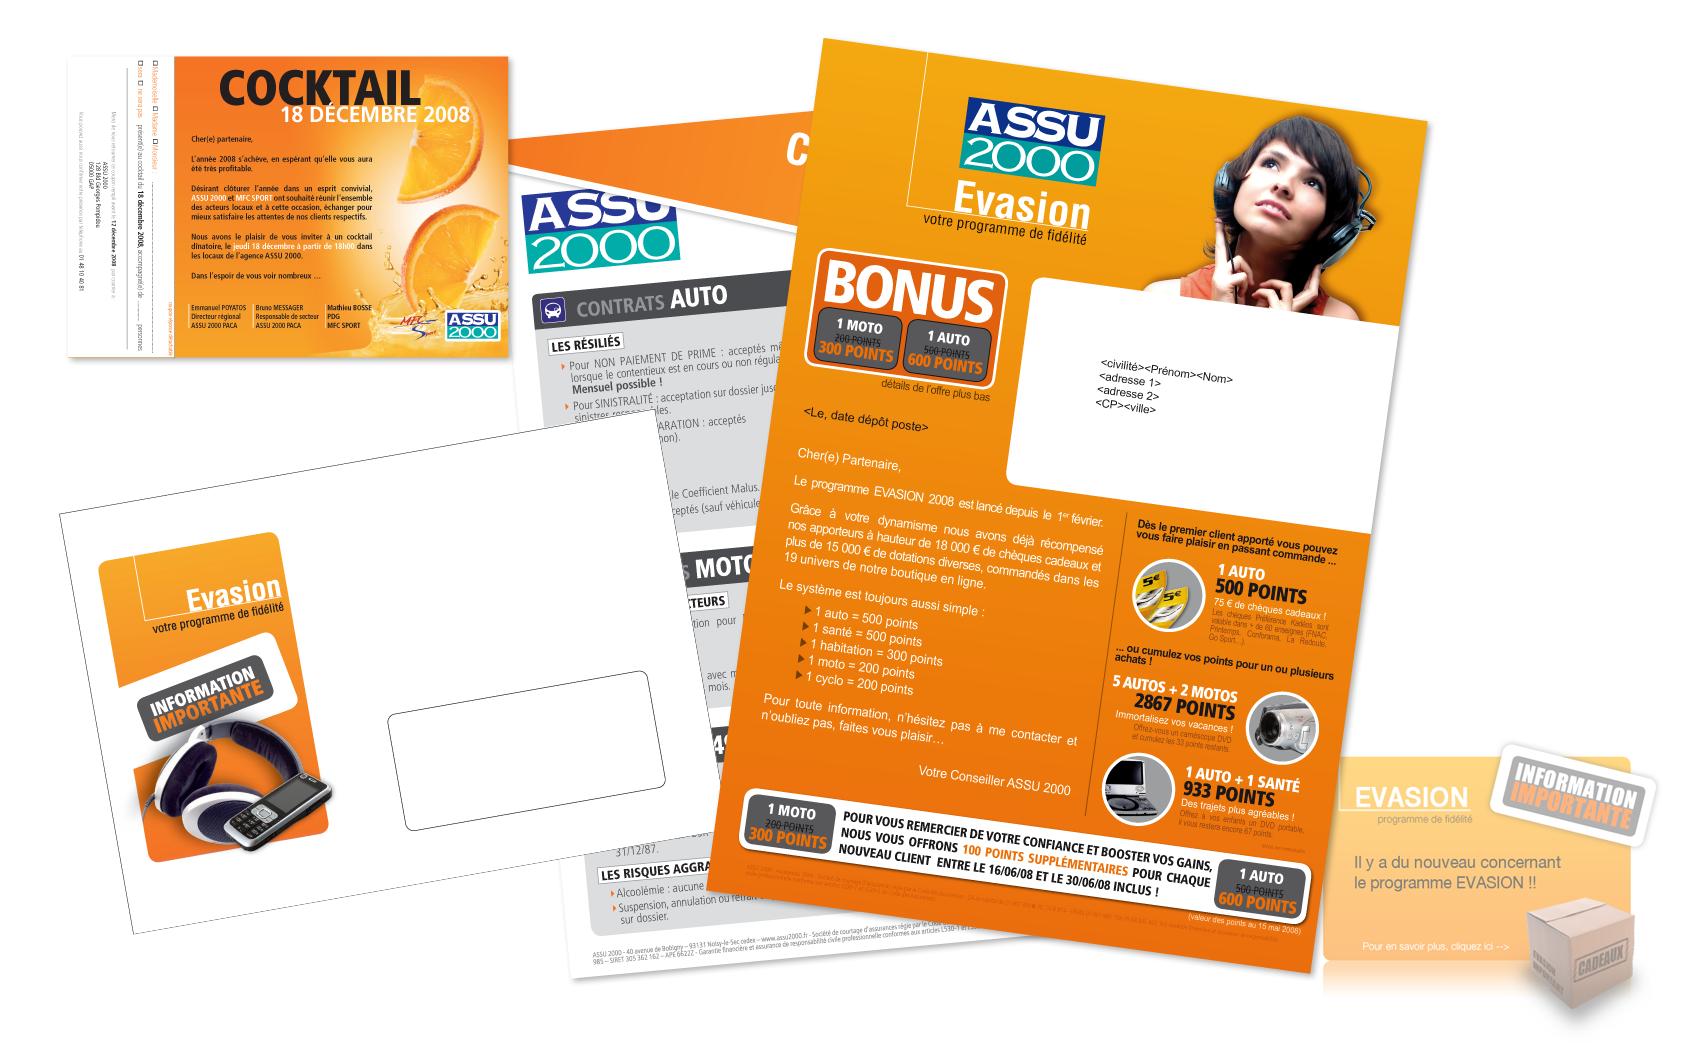 Kit de communication pour le programme d'incentive Evasion de la société Assu 2000.